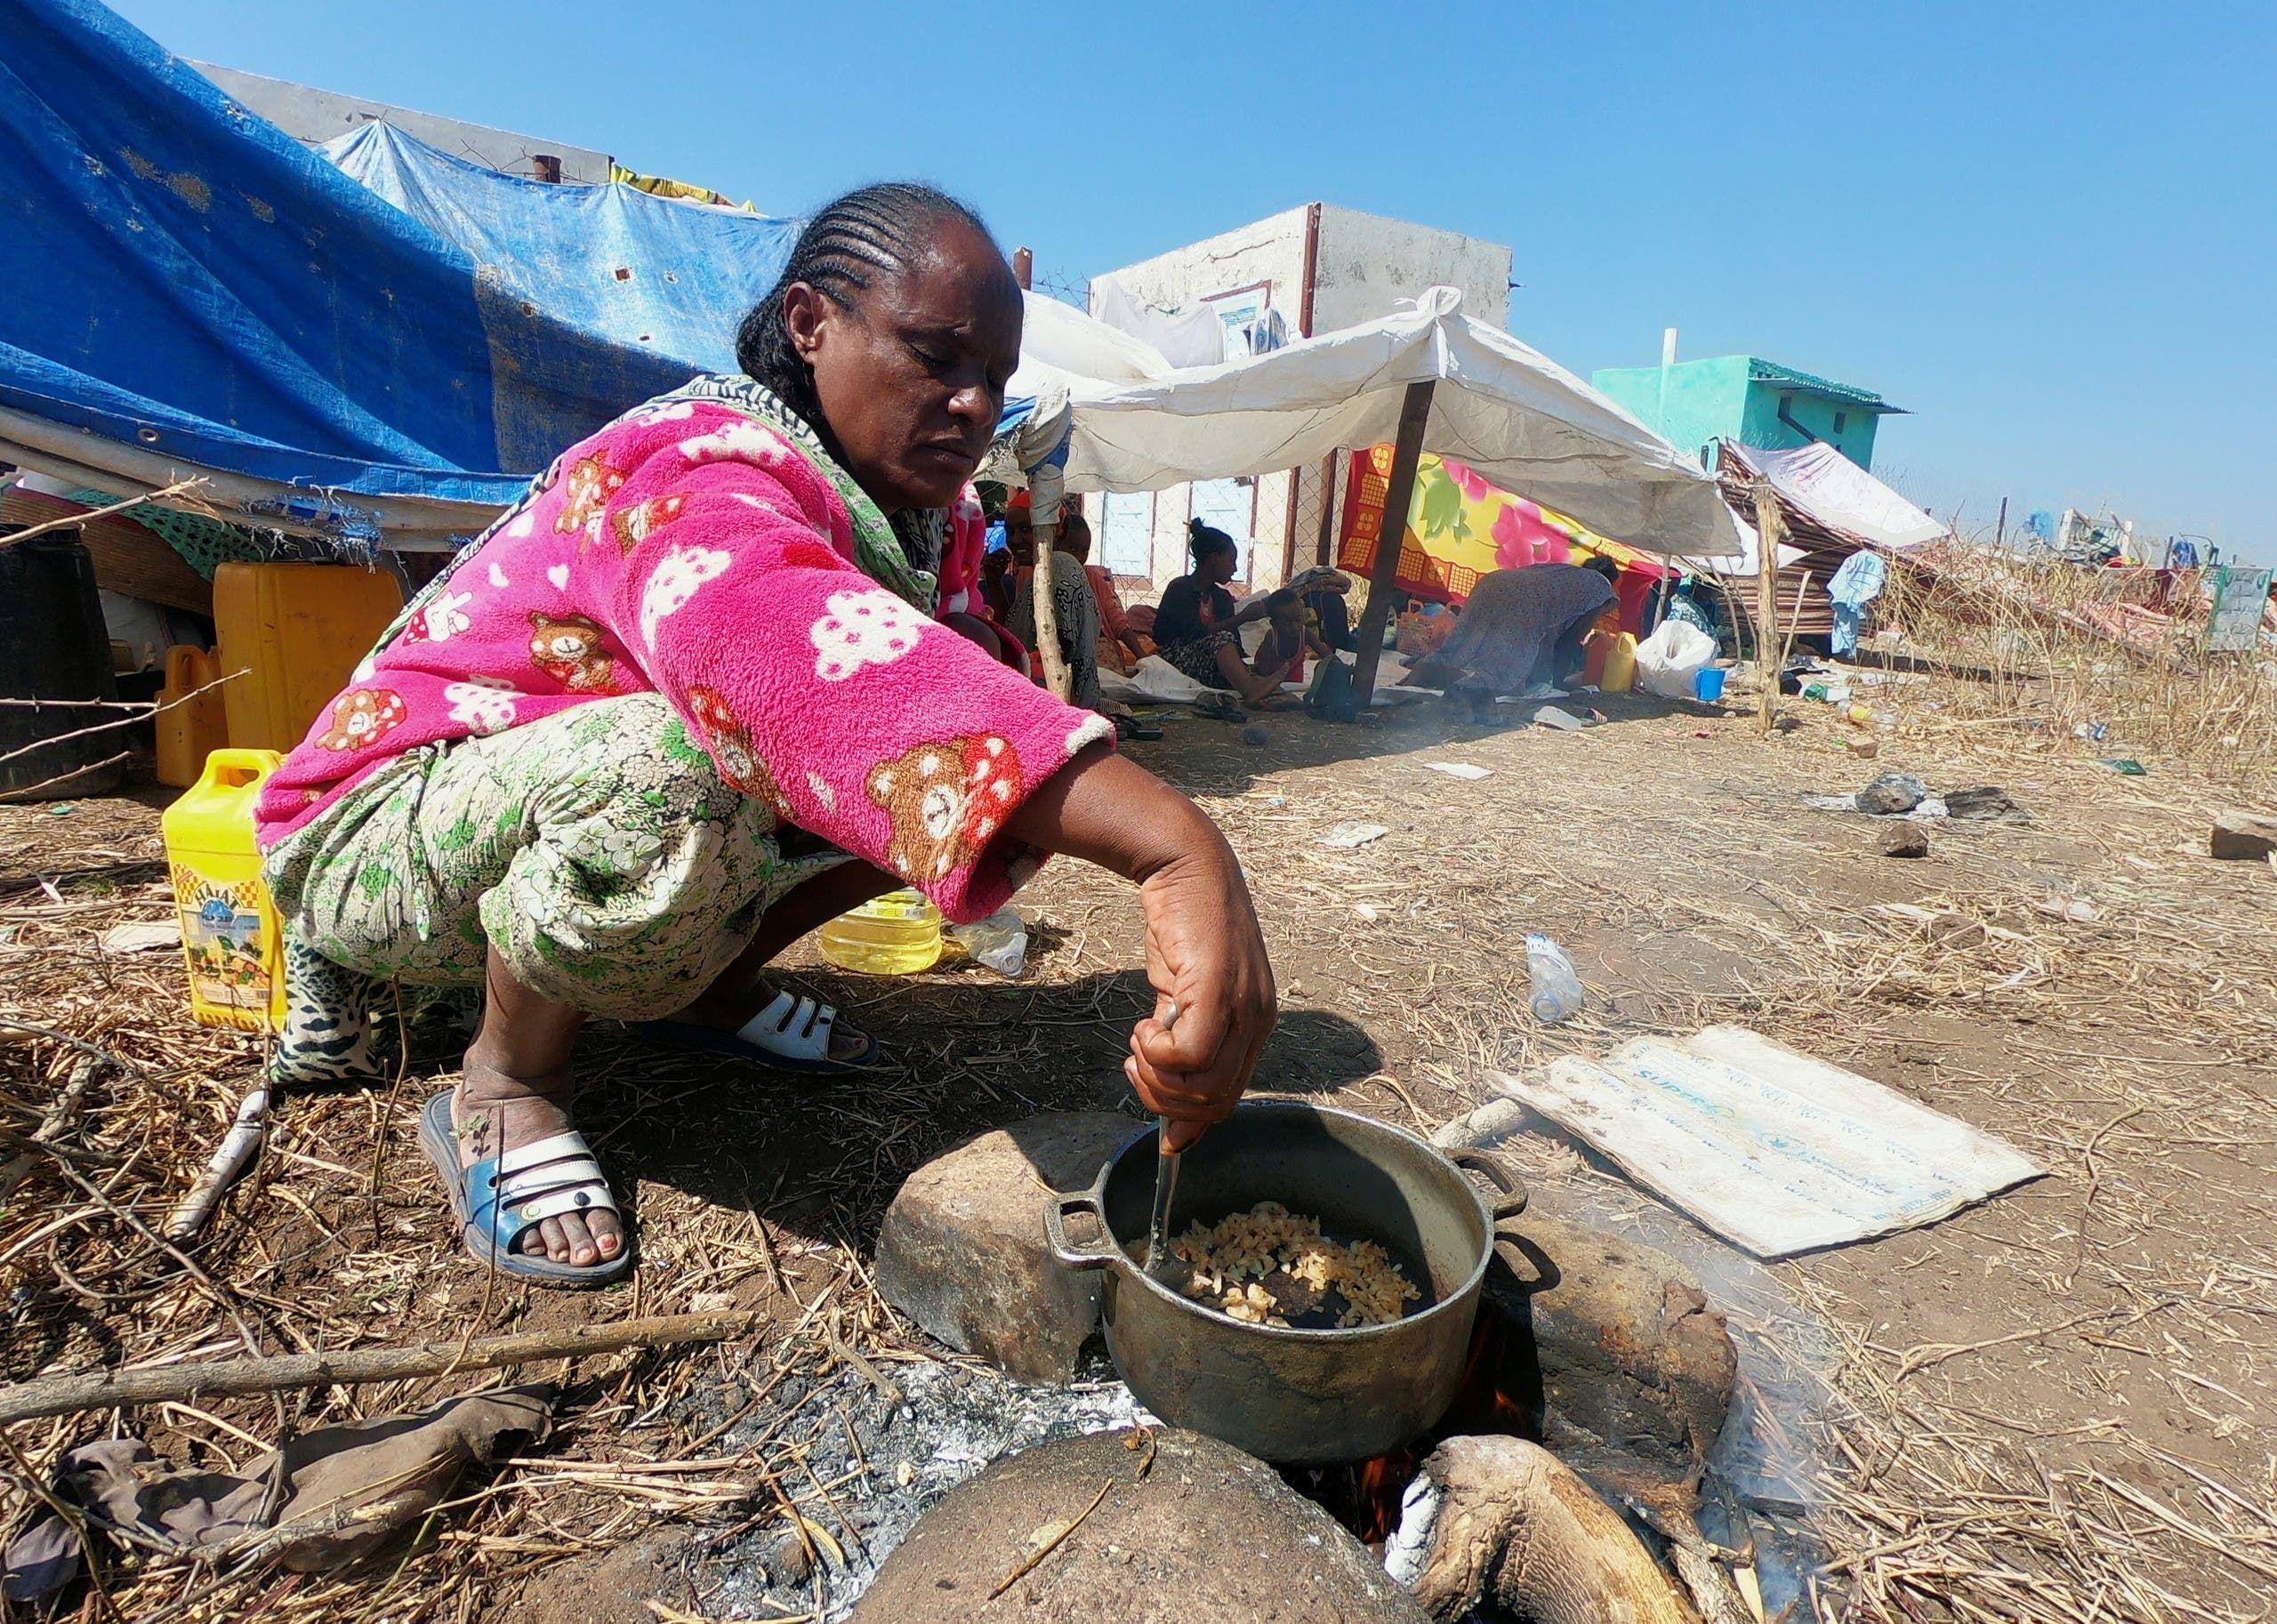 من نازحي إقليم تيغراي في إثيوبيا